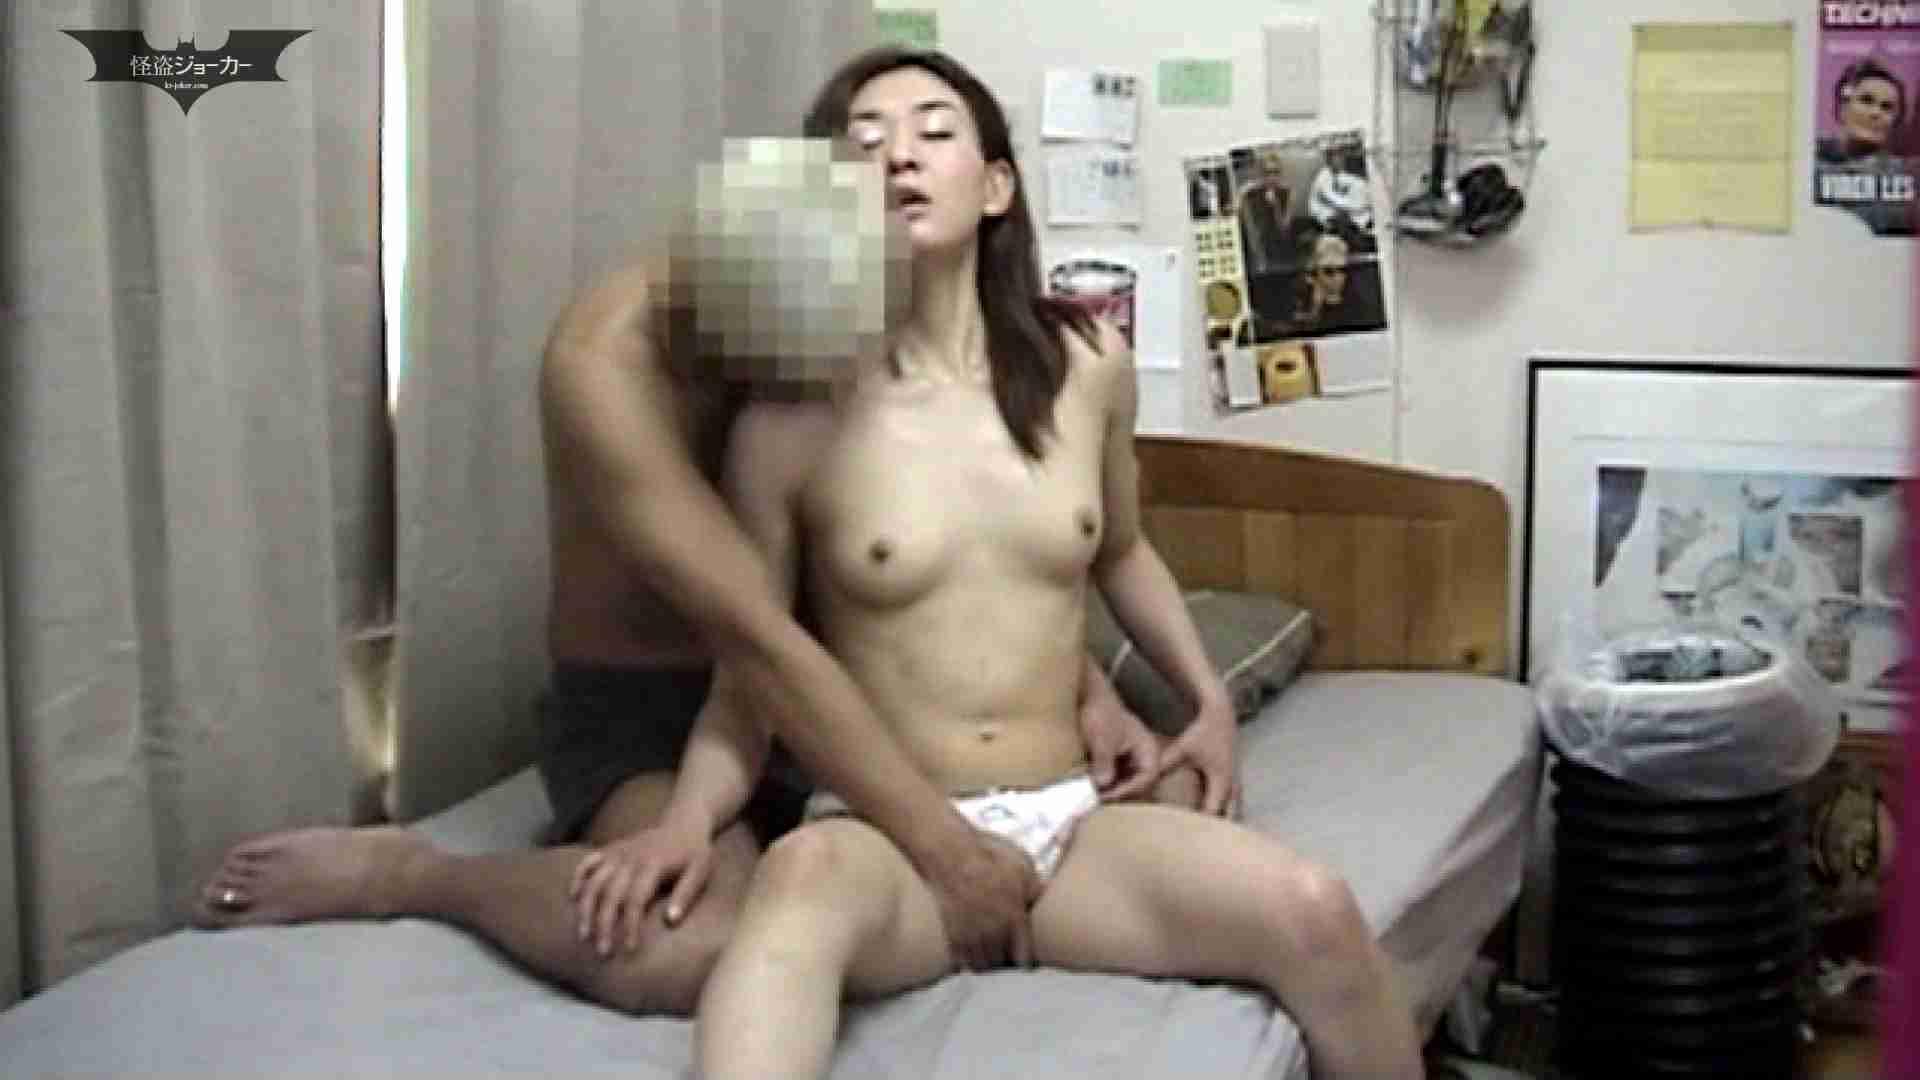 素人女良を部屋に連れ込み隠し撮りSEX!! その⑩ 体操教室の先生 しおり 素人  98pic 26